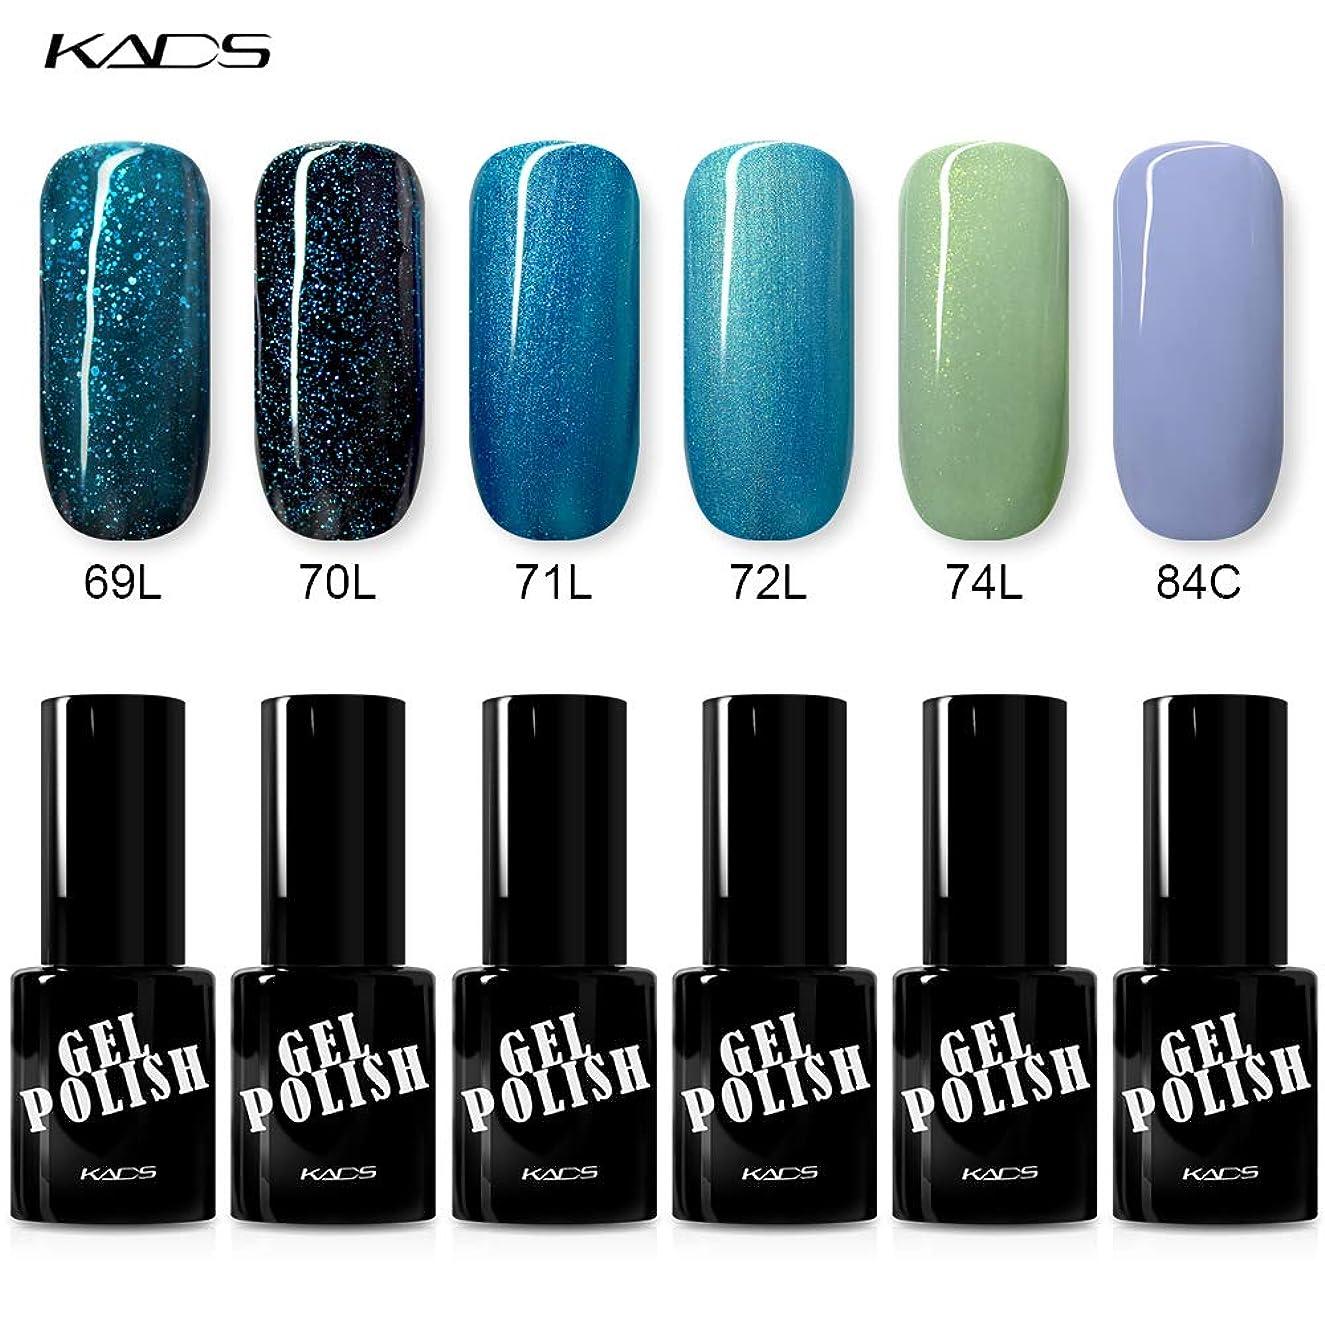 遠い採用する不忠KADS ネイルカラーポリッシュ ラメ入りジェル 6色セット グリーン?ブルー系 キラキラ目 UV?LED対応